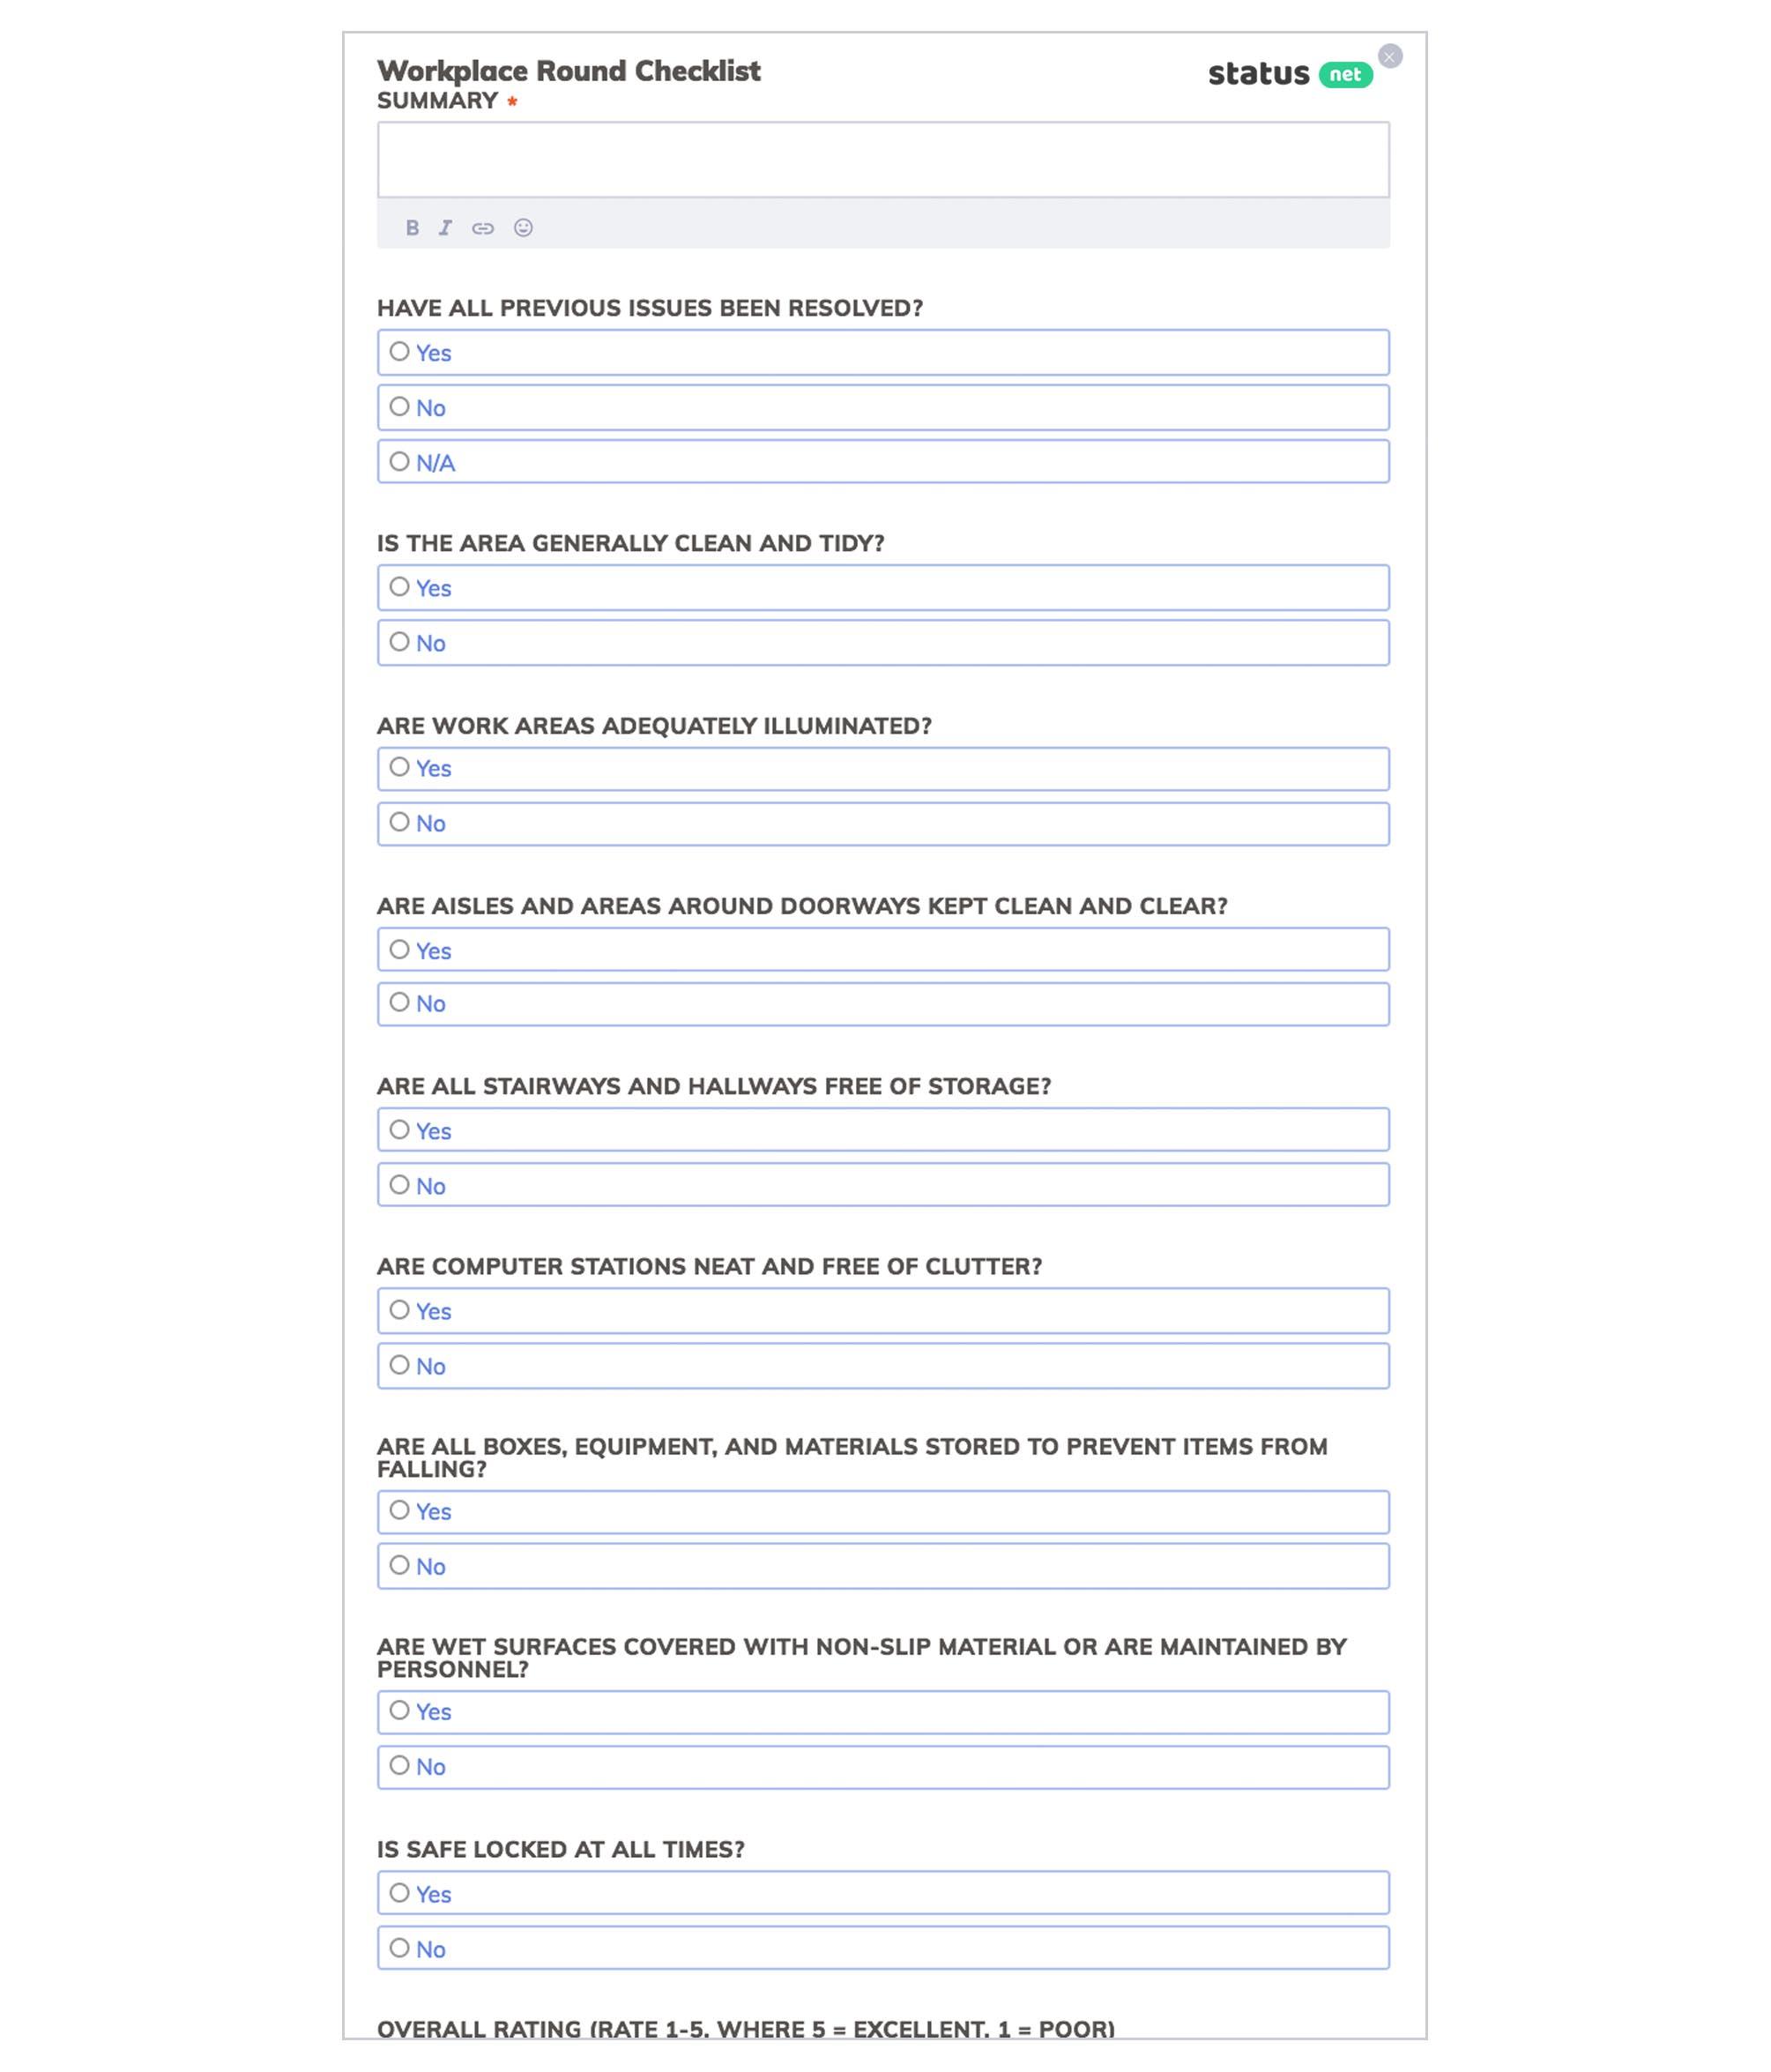 workplace round checklist